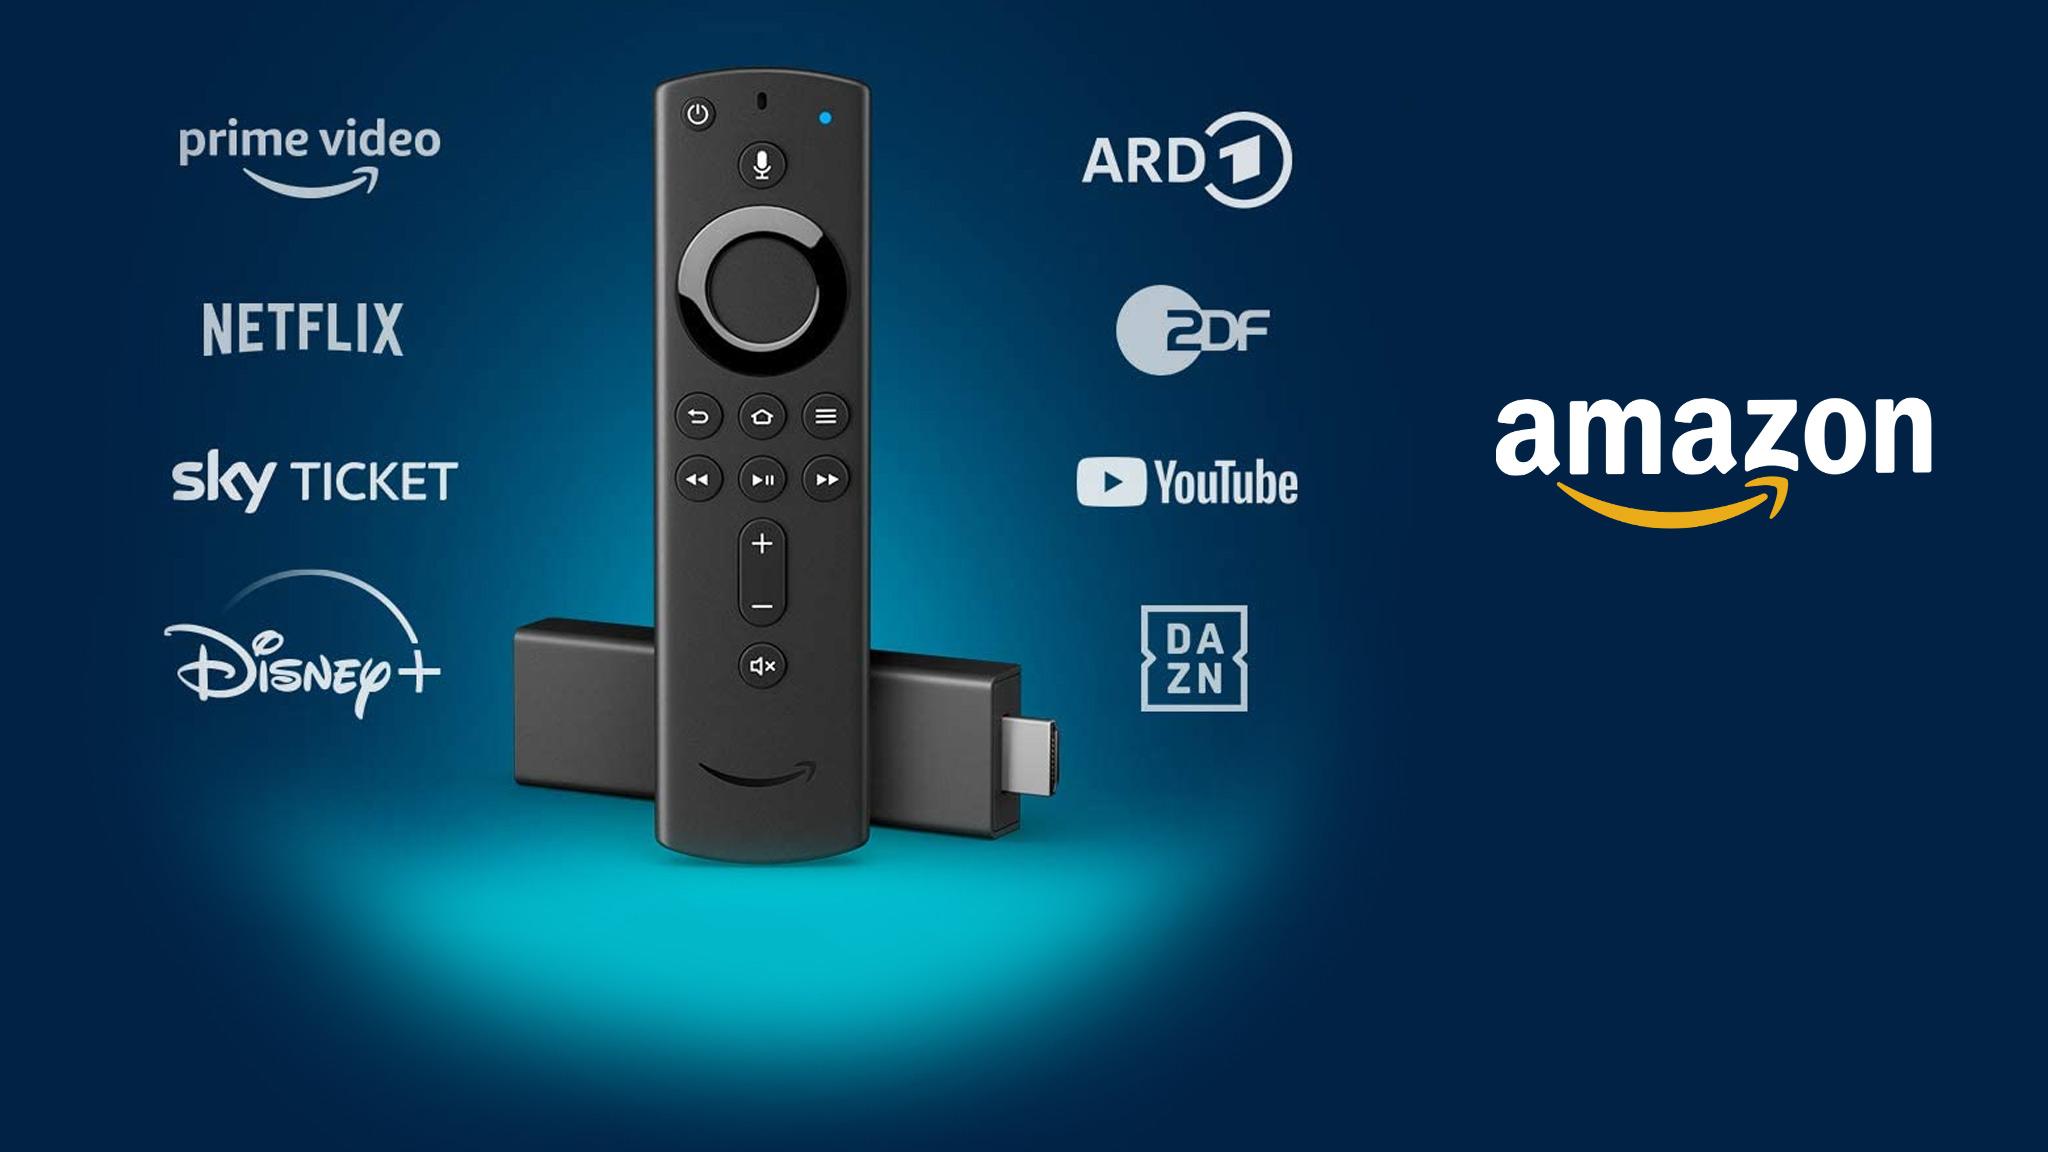 Hochauflösendes Angebot bei Amazon: Fire TV Stick 4K jetzt 25 Euro reduziert!